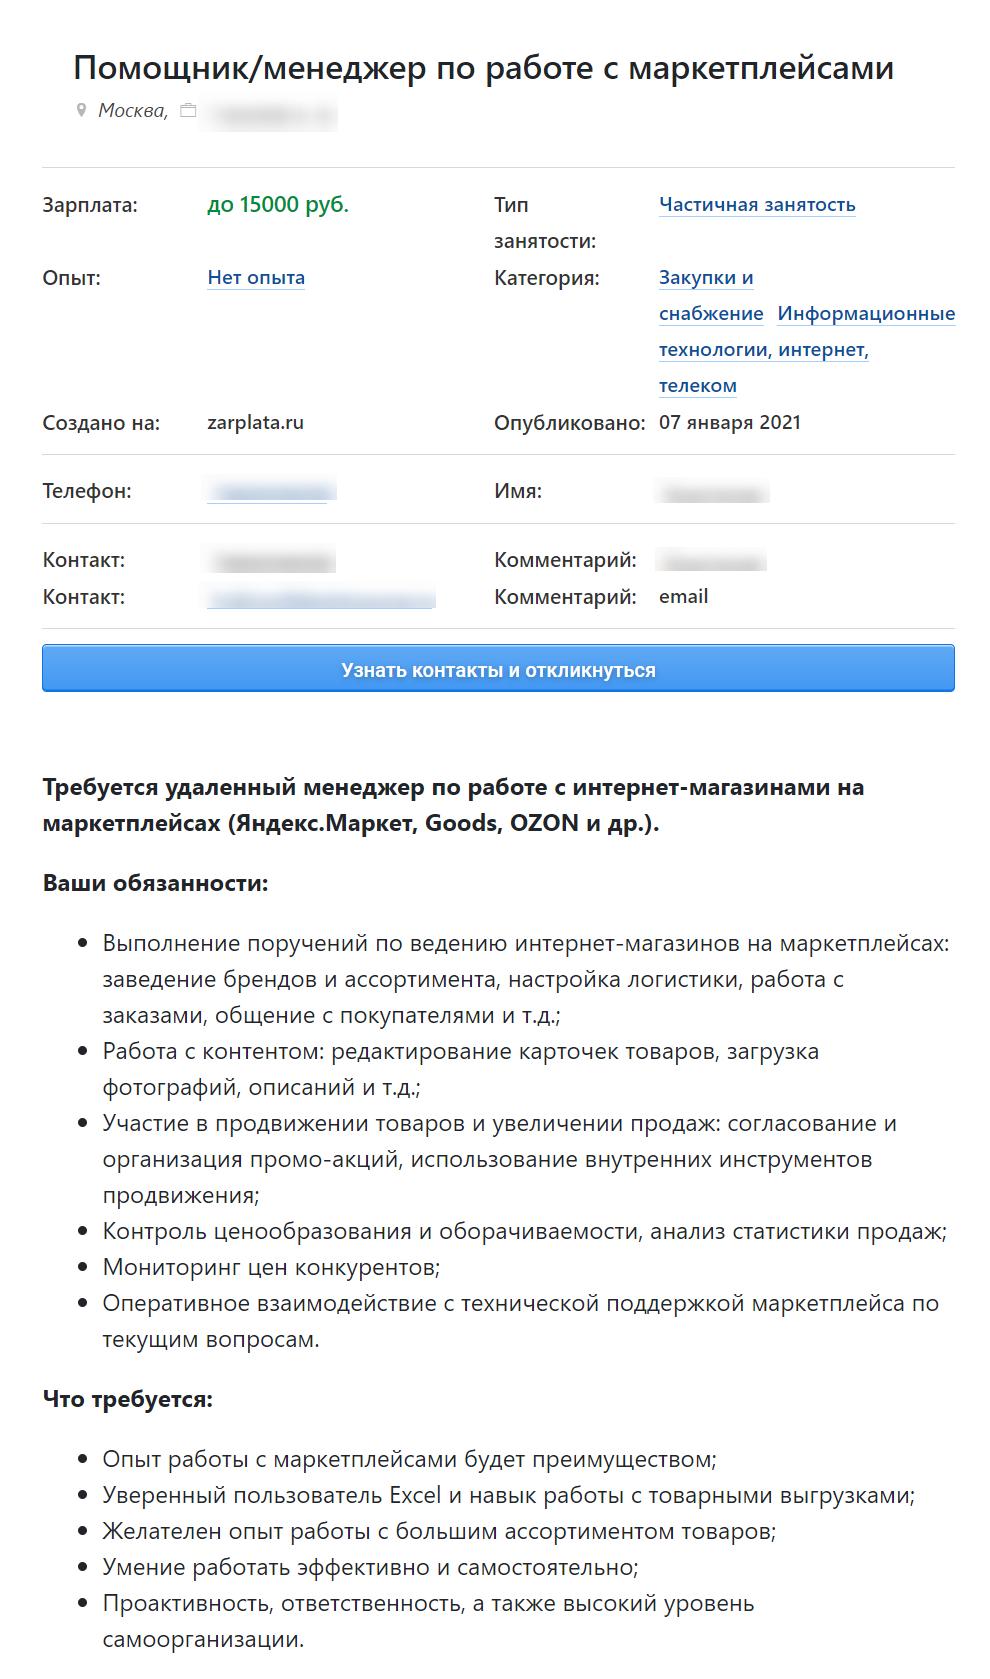 Обязанности и требования к помощнику менеджера по маркетплейсам (пример вакансии)